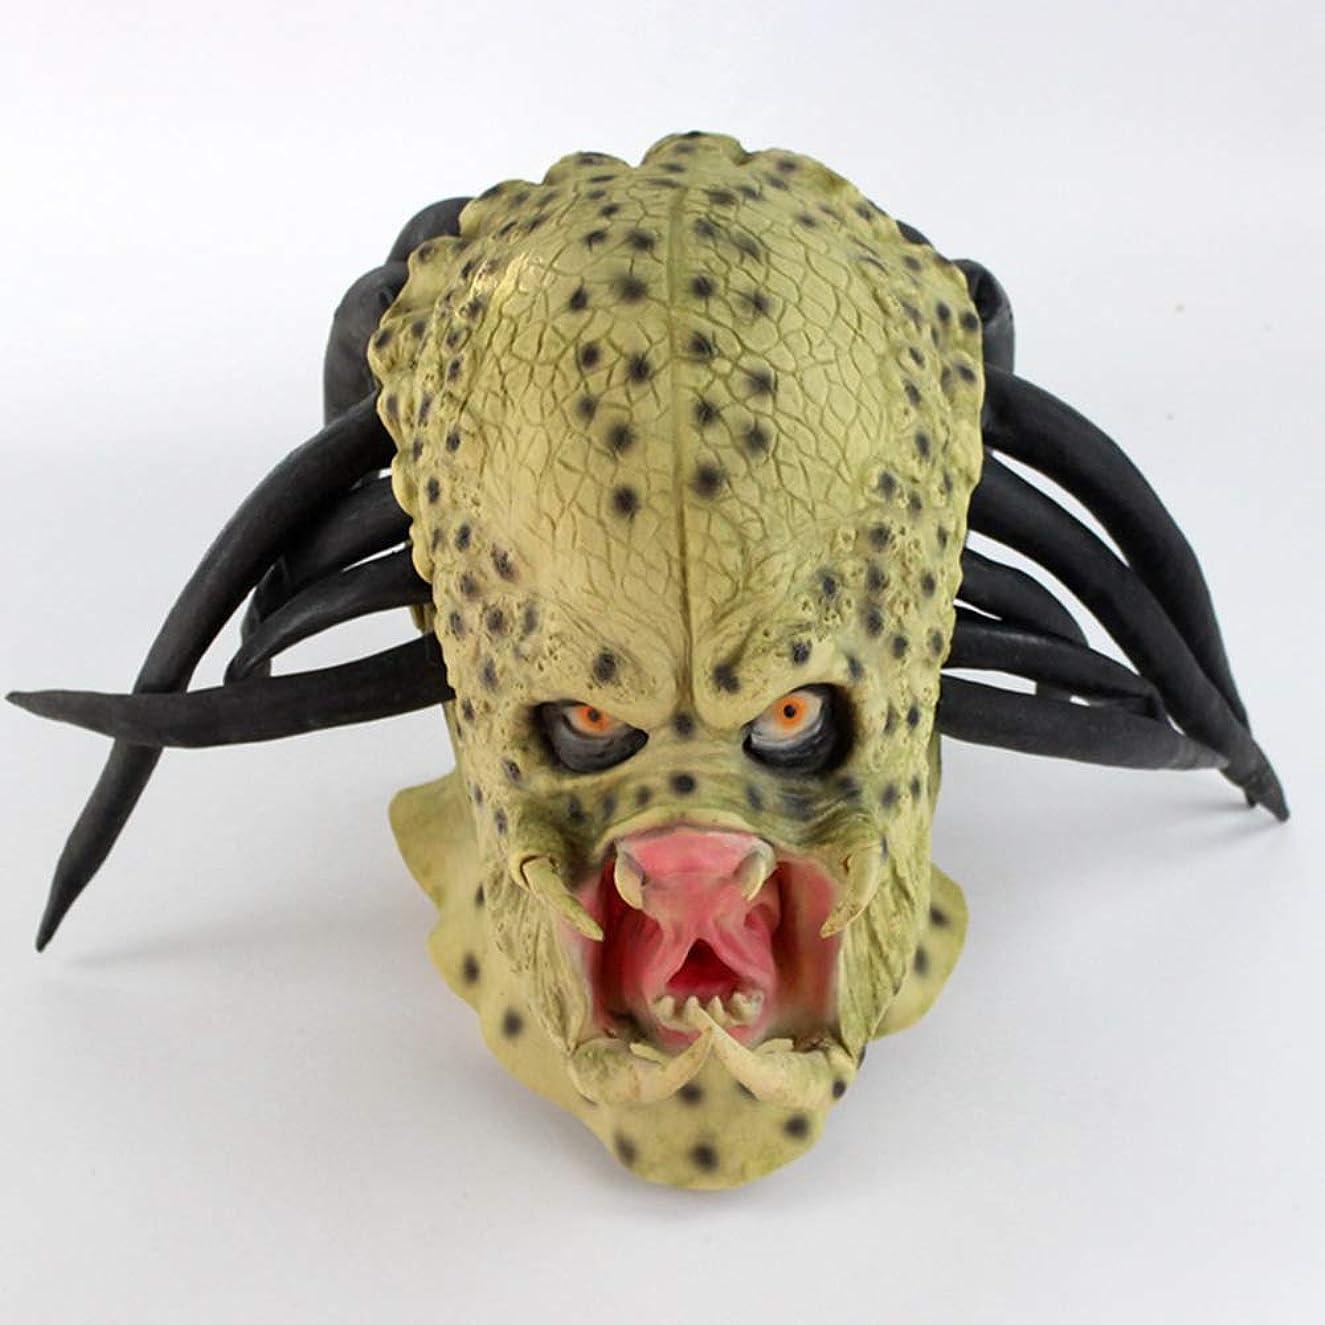 アクセル偽善目の前のハロウィーンホラーマスク、ギザギザの戦士マスク、創造的な Vizard マスク、パーティー仮装マスク